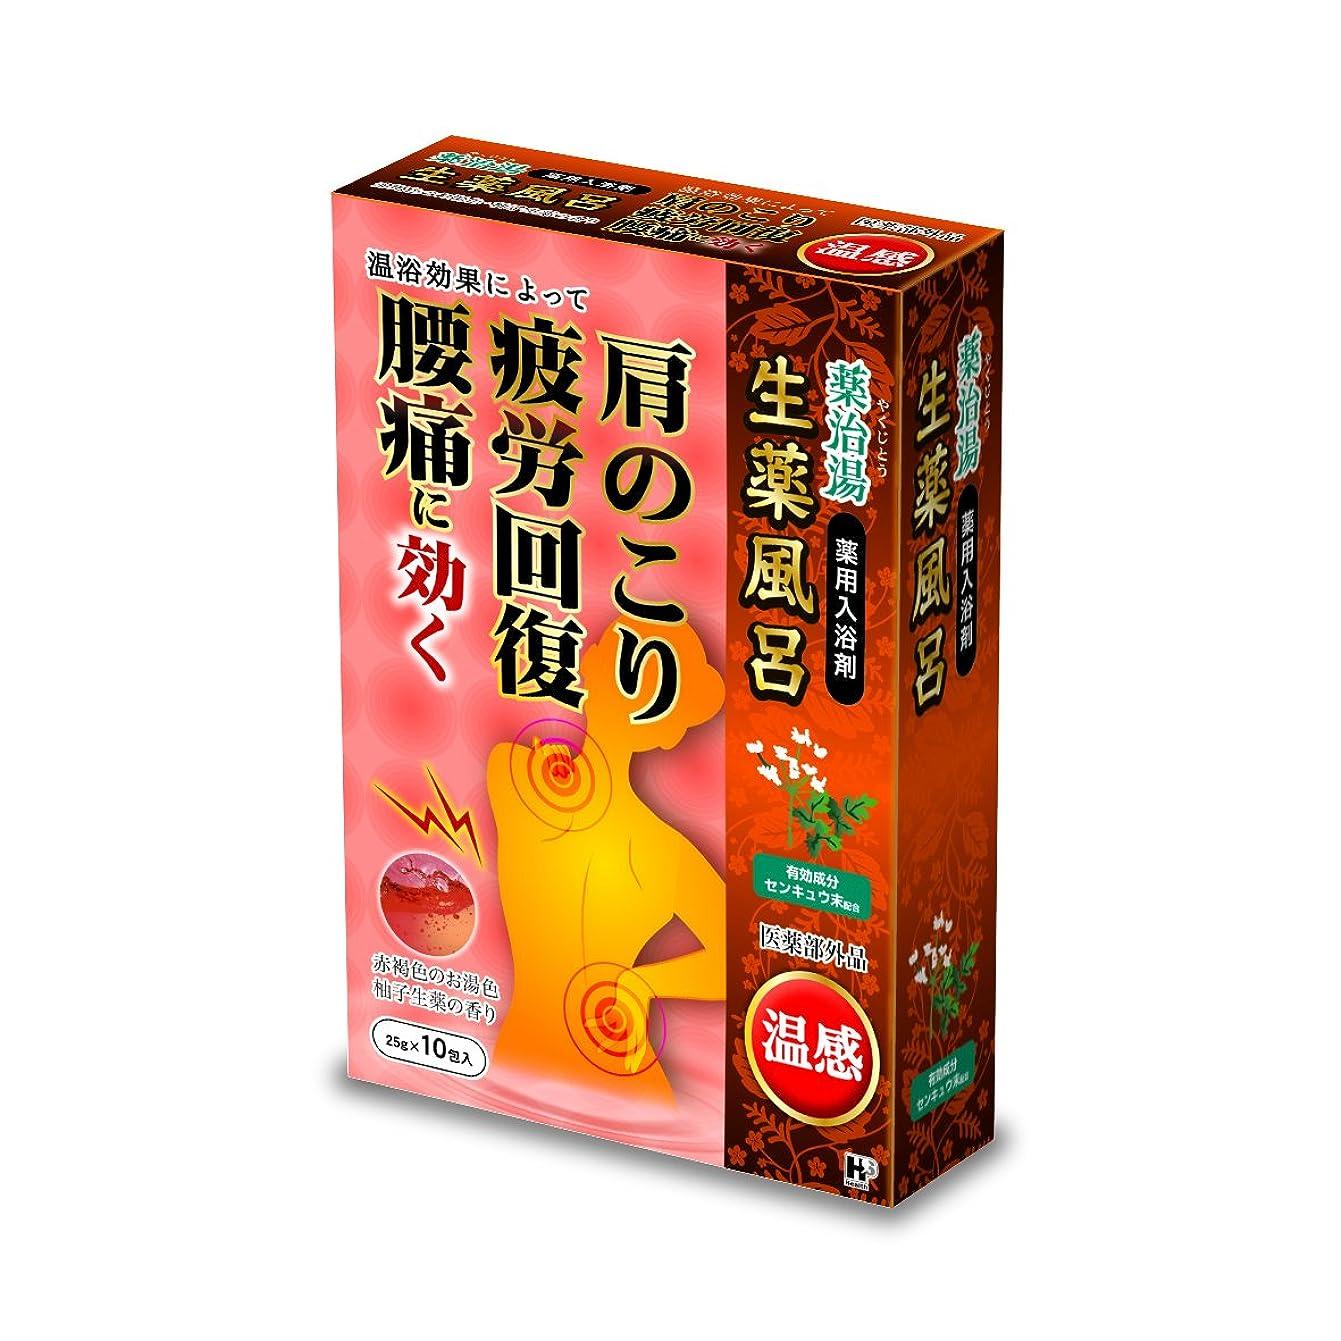 シールド好戦的な硬さ薬治湯温感 柚子生薬の香り